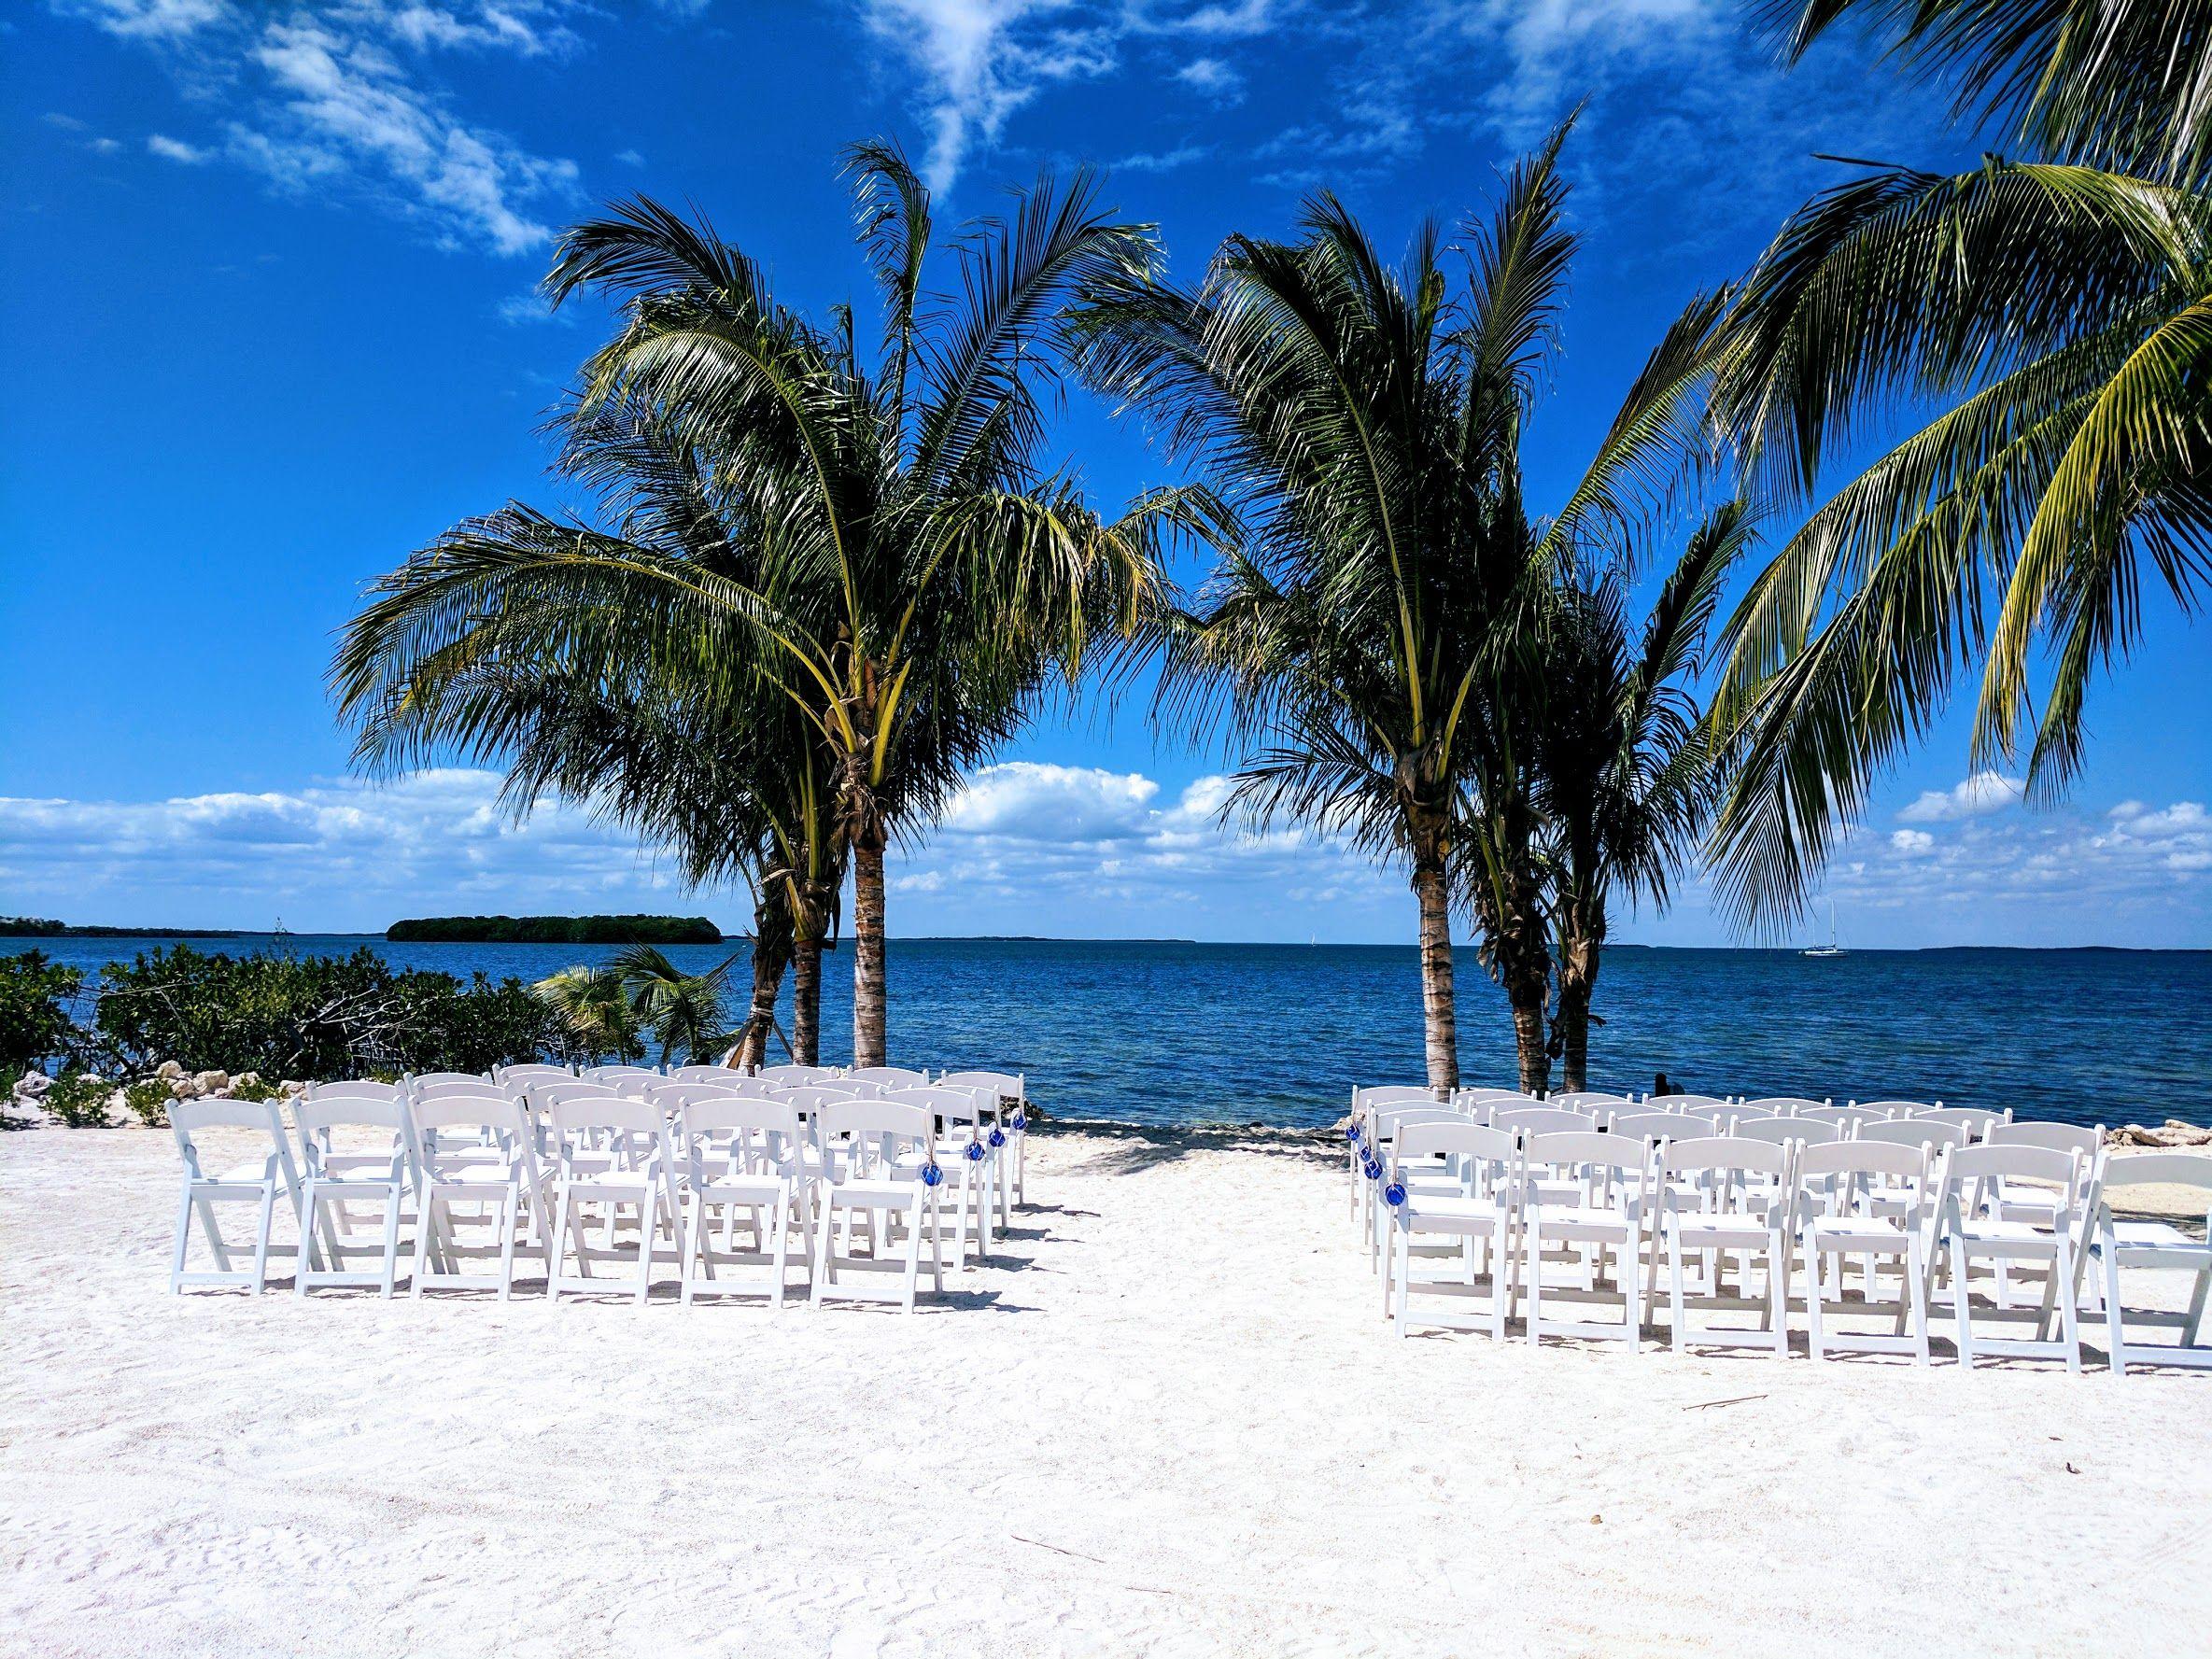 Florida Wedding Venues Top 2 Wedding Venues In Florida Keys Beach Wedding Packages Florida Beach Wedding Florida Wedding Venues